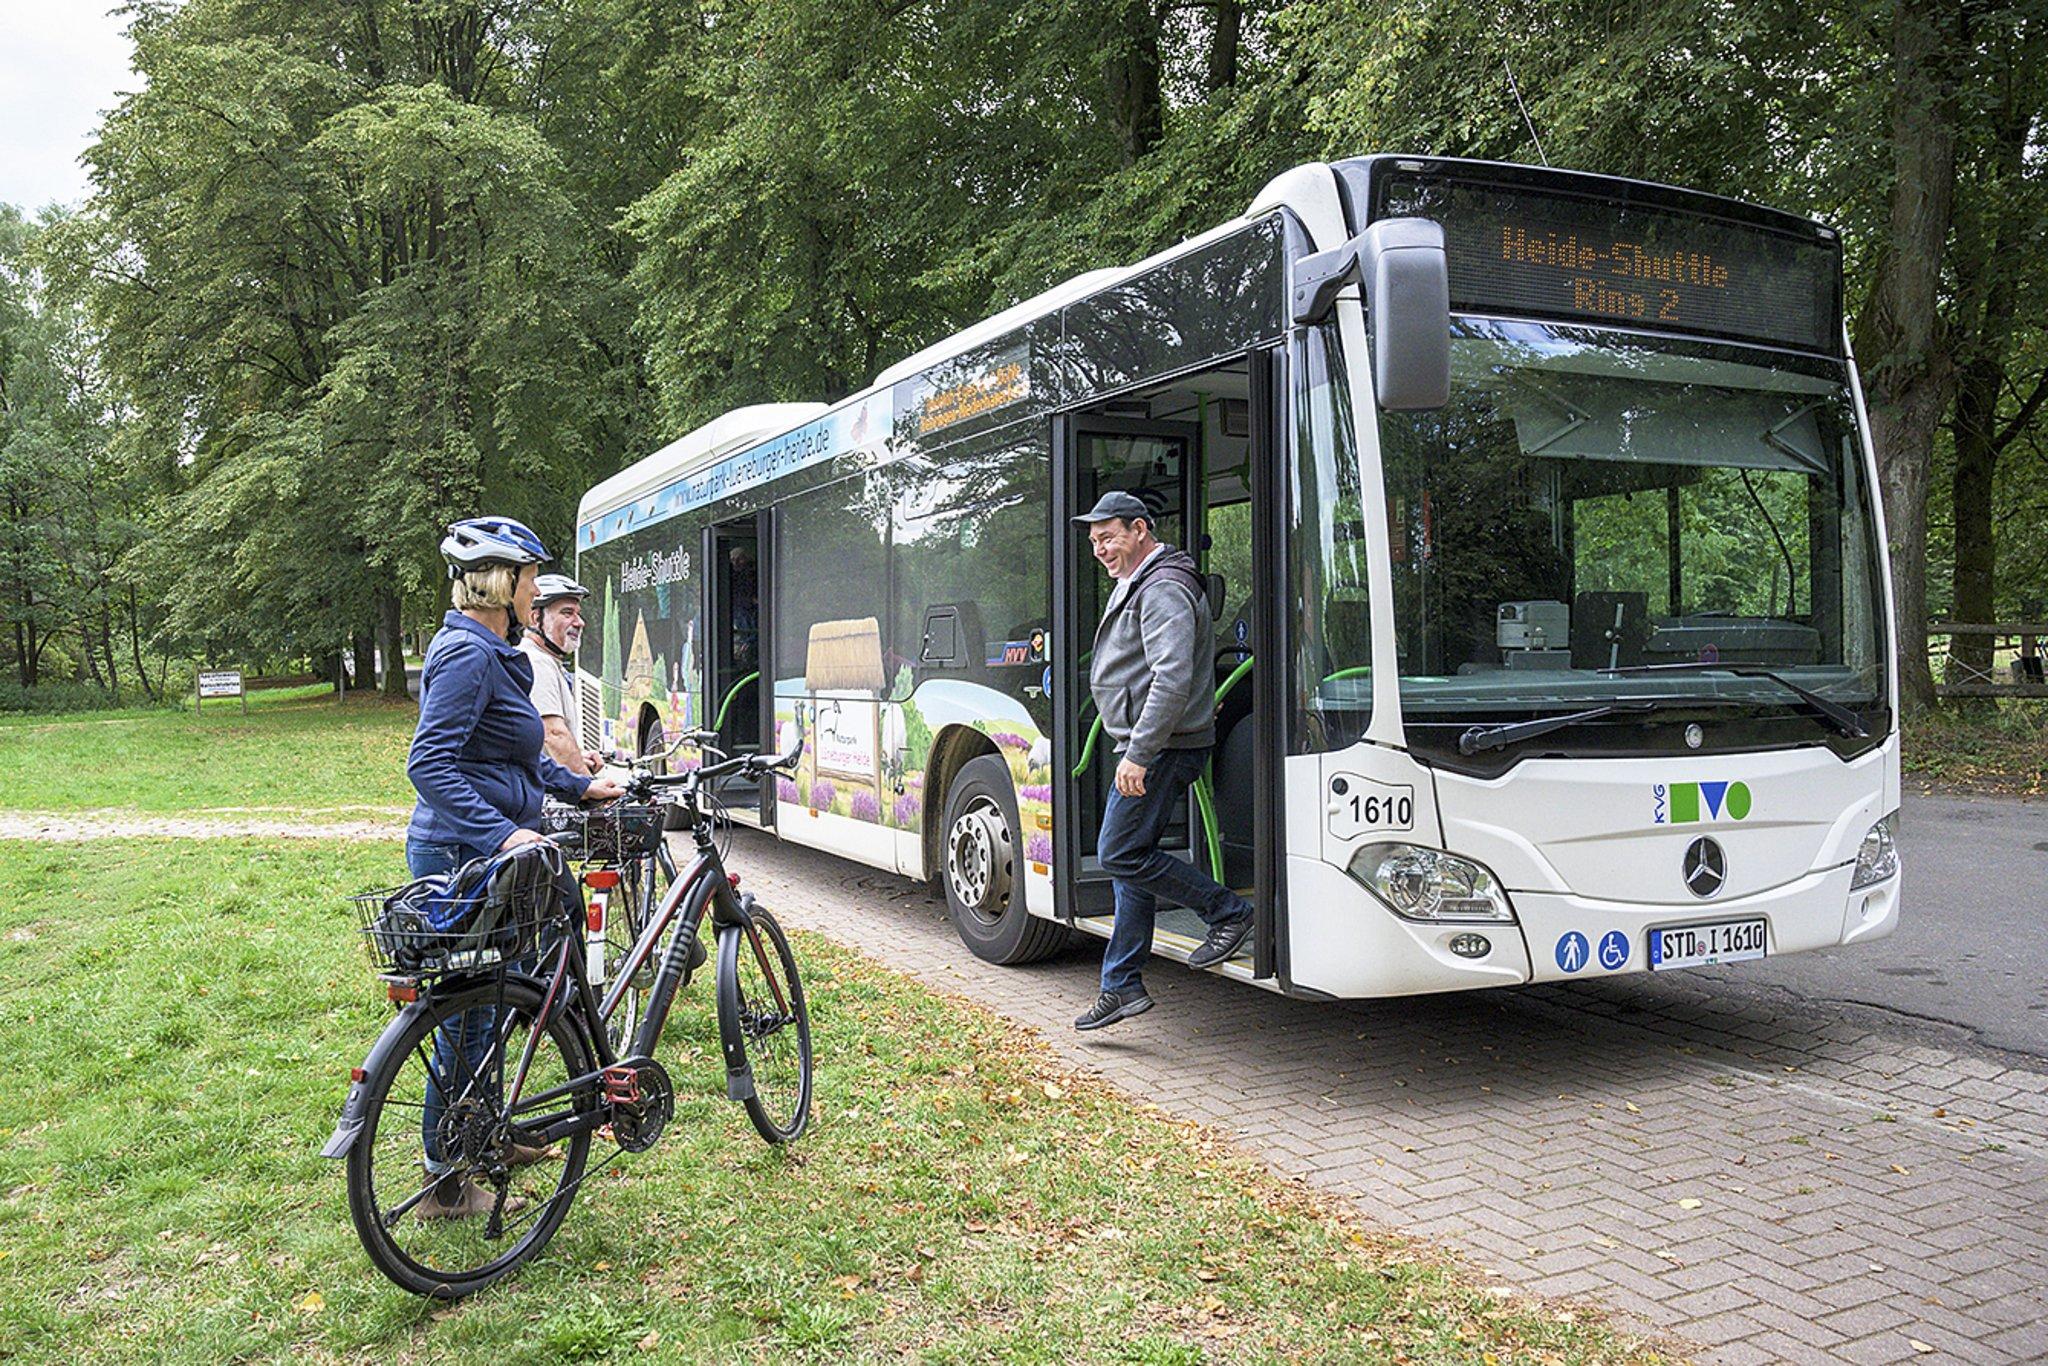 Bilanz des Heide-Shuttles: Sehr erfolgreich unterwegs - Kreiszeitung Wochenblatt